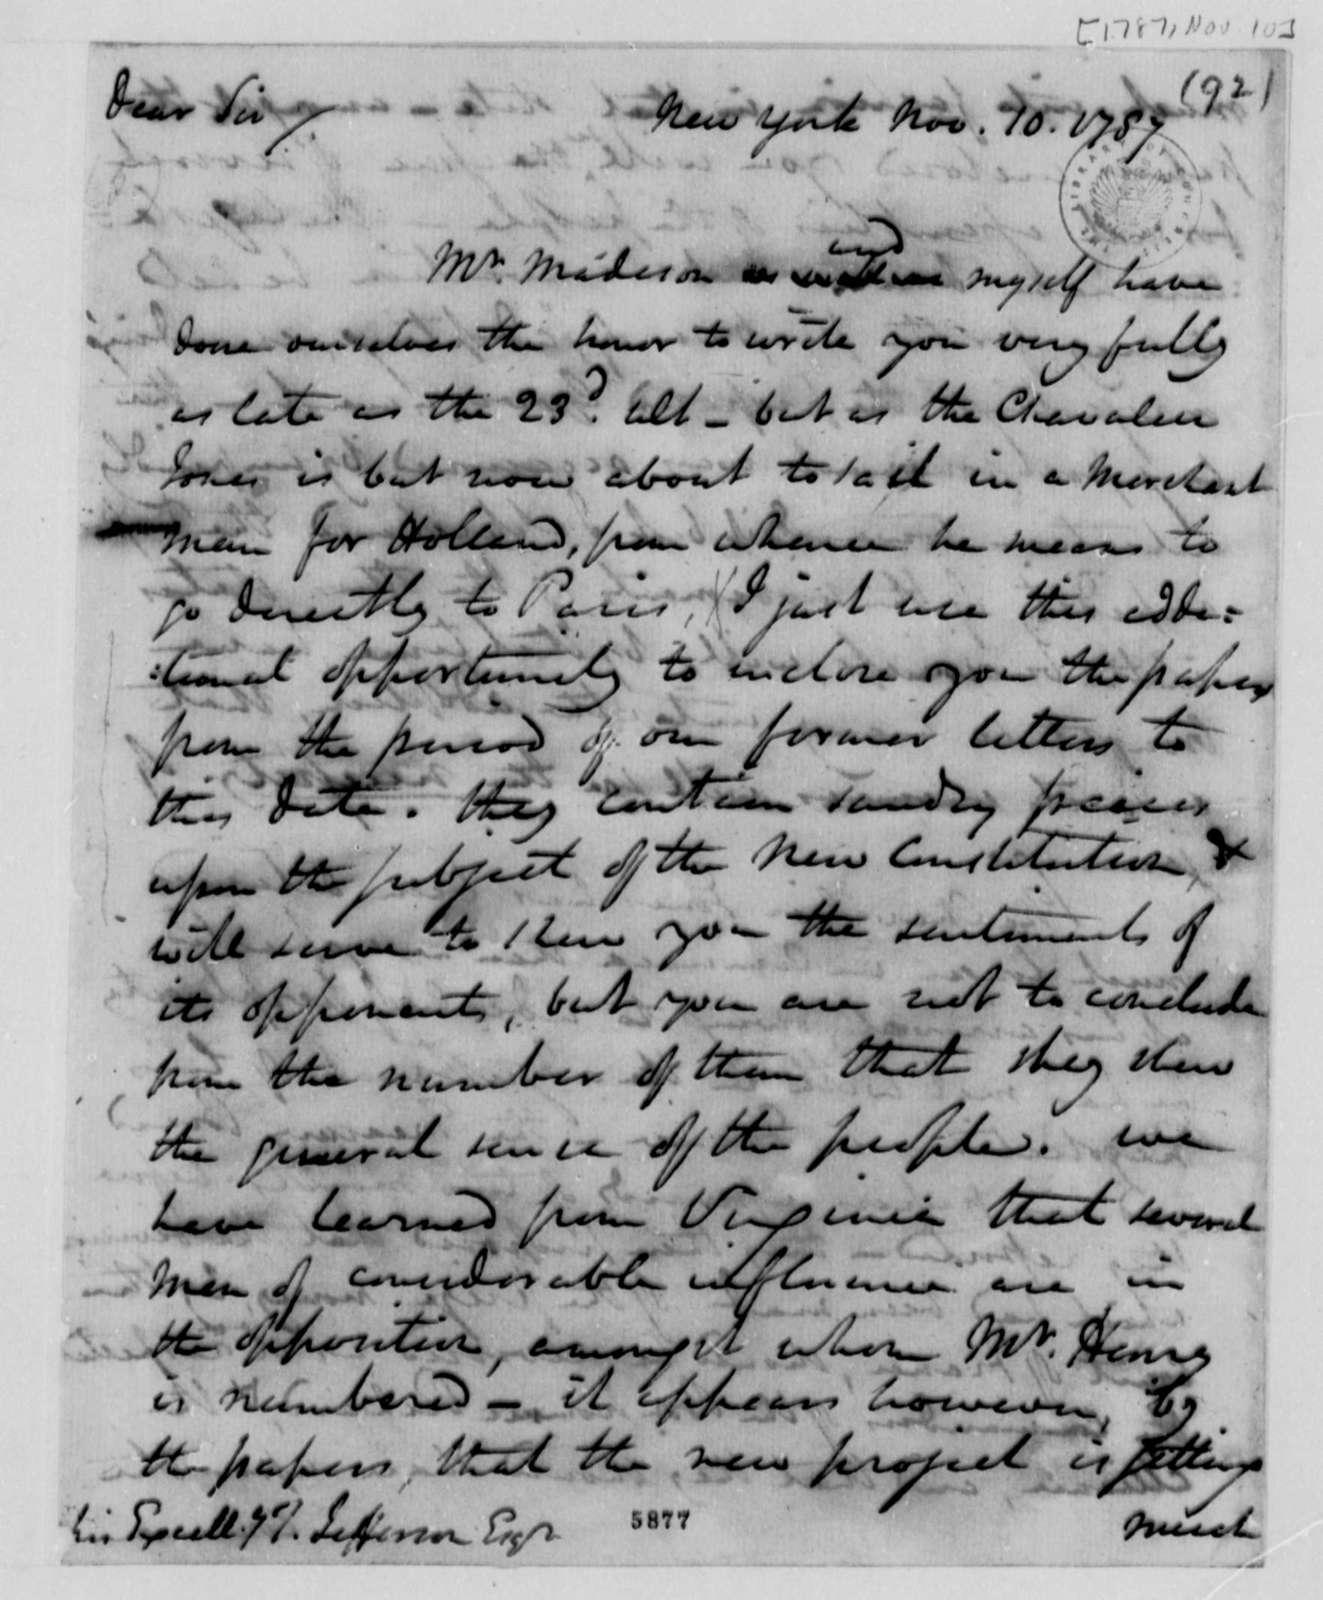 Edward Carrington to Thomas Jefferson, November 10, 1787